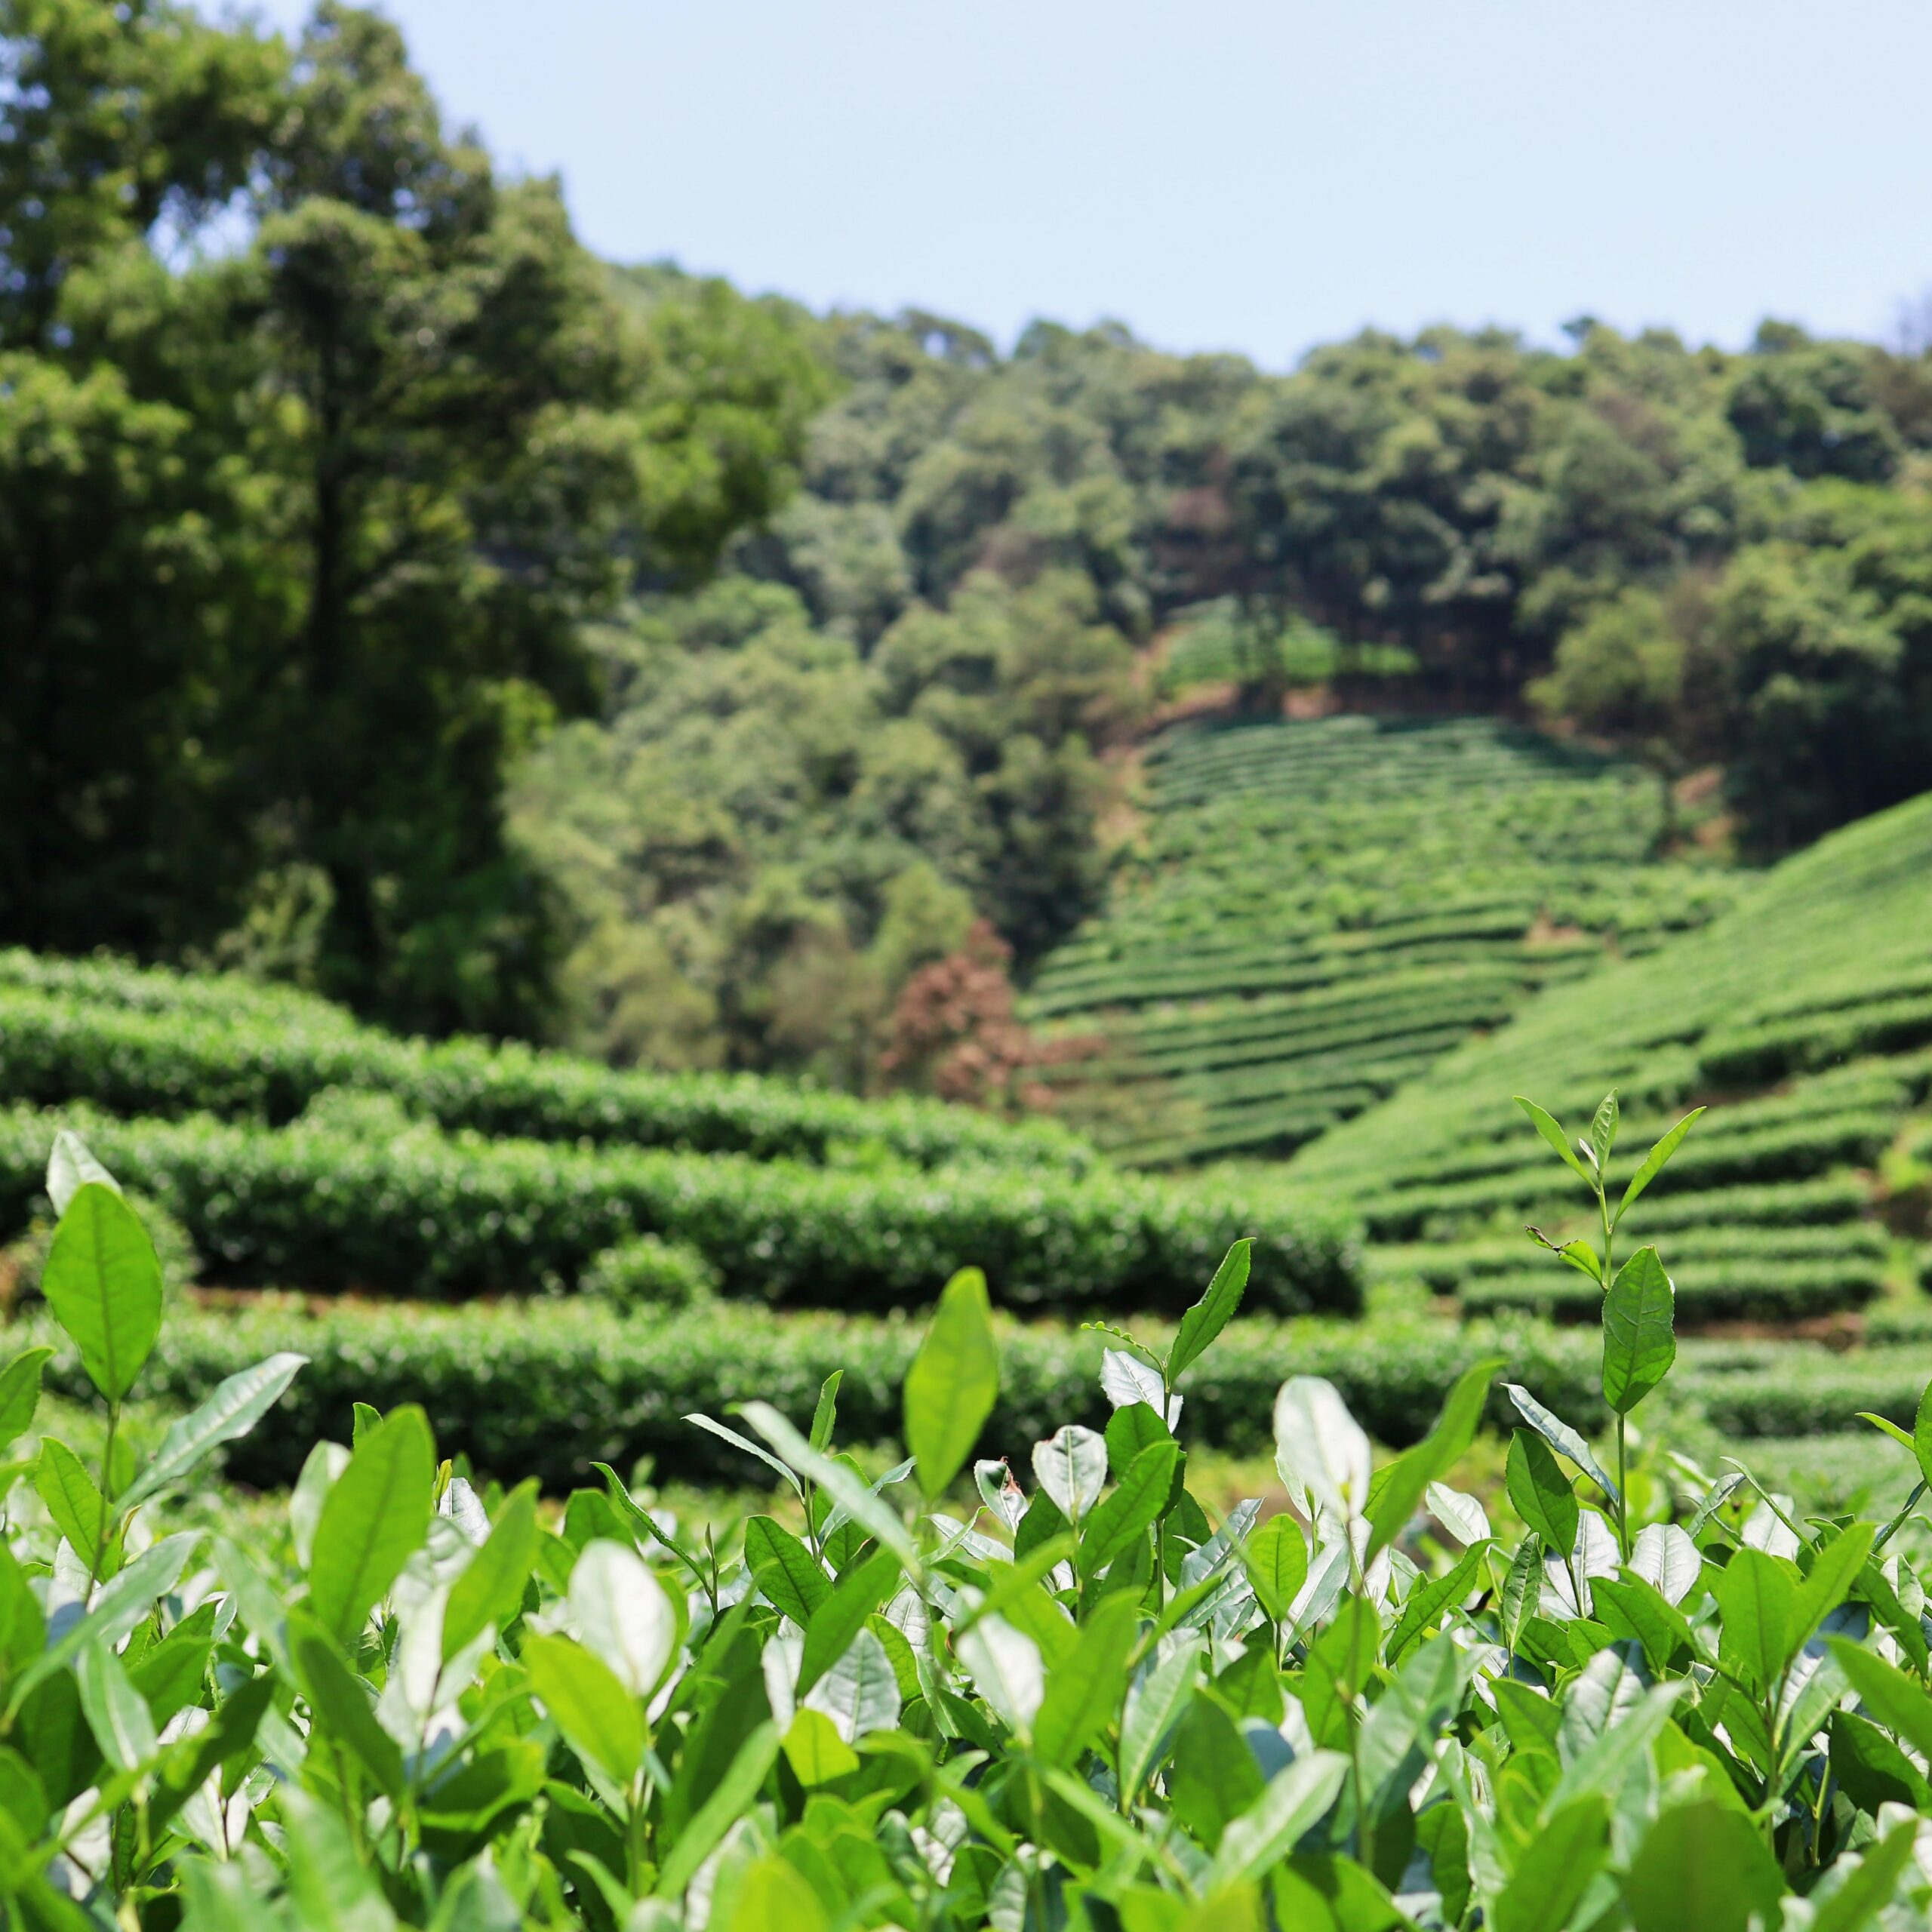 internationale Forst-und Agrarwirtschaft kaufe